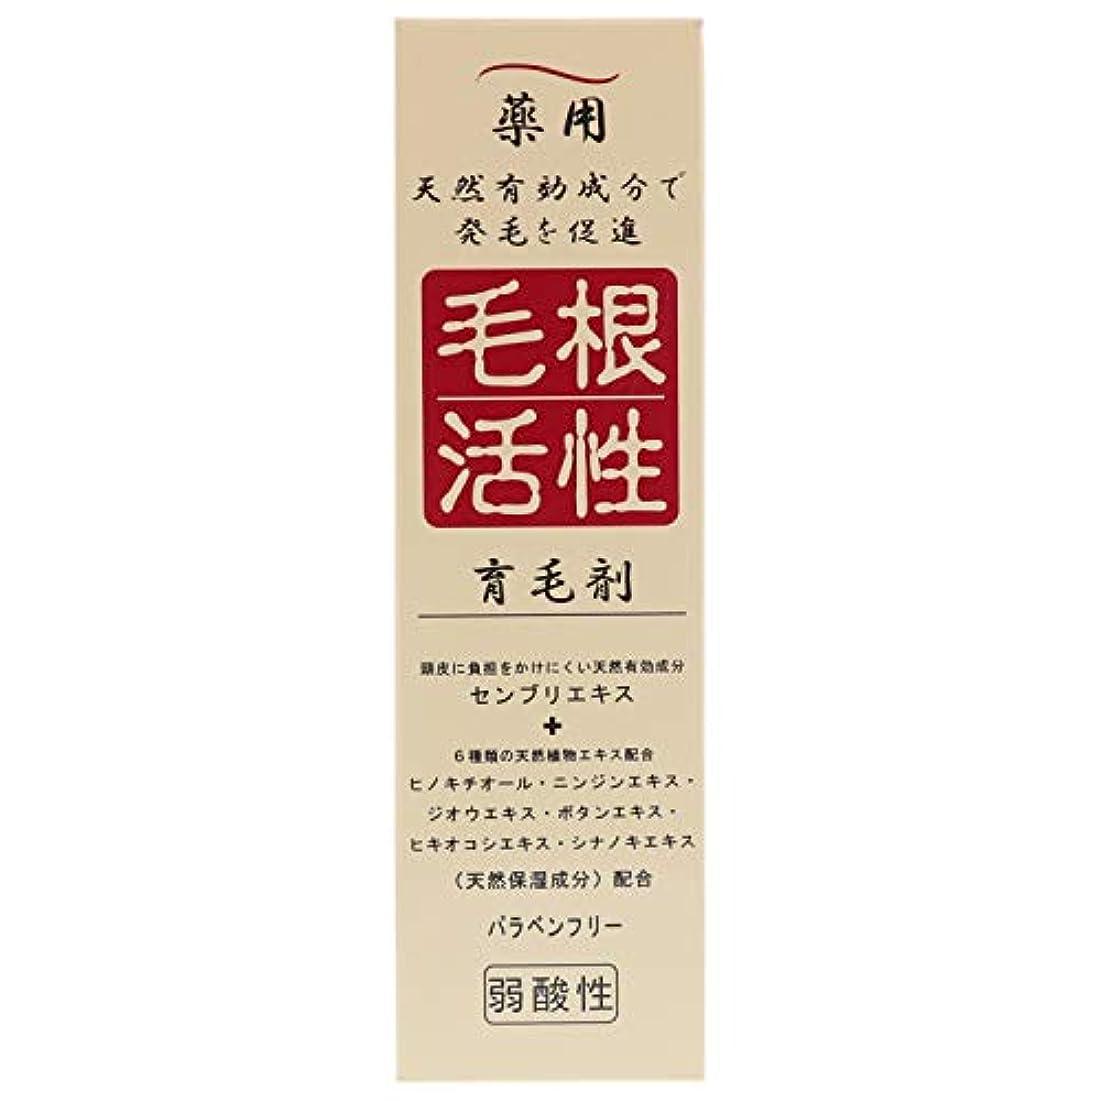 解くかかわらず巻き戻す薬用毛根活性育毛剤 150ml